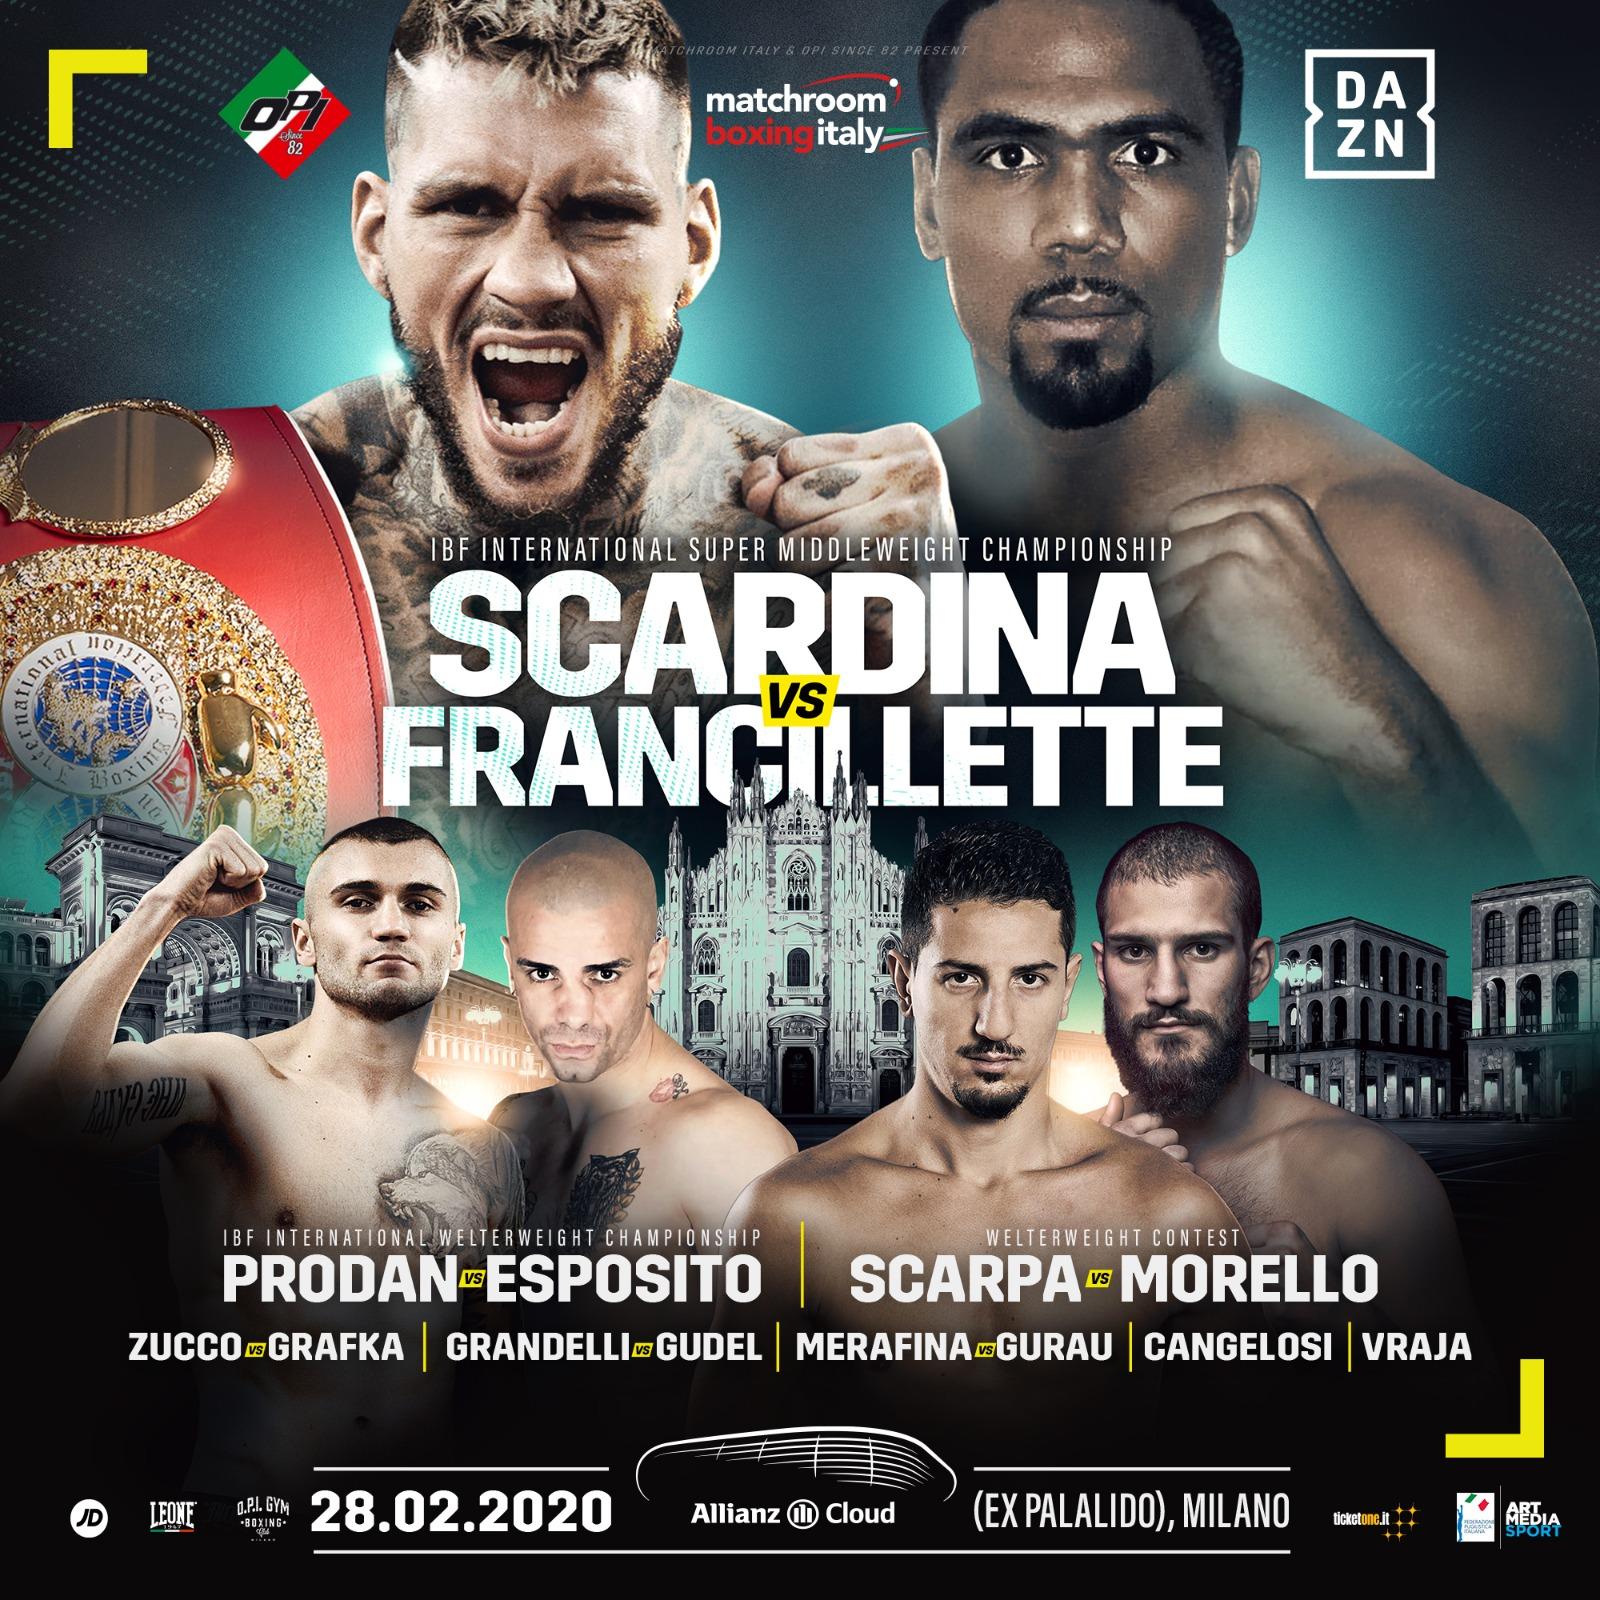 Boxe - Il 20 marzo torna la grande Boxe a Milano dopo lo stop Coronavirus